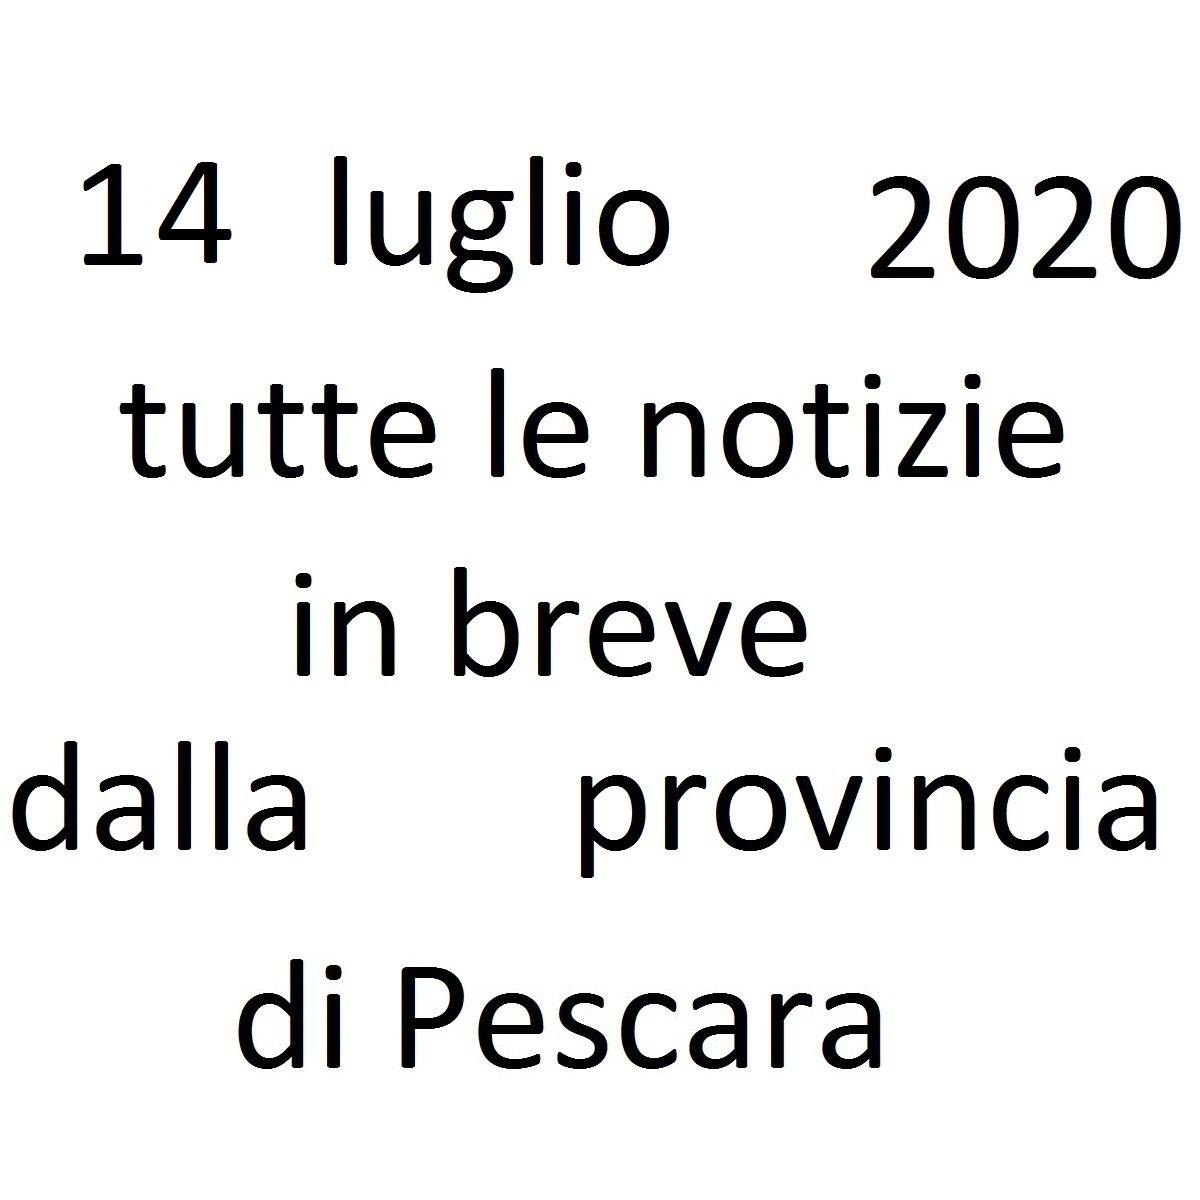 14 luglio 2020 notizie in breve dalla Provincia di Pescara foto